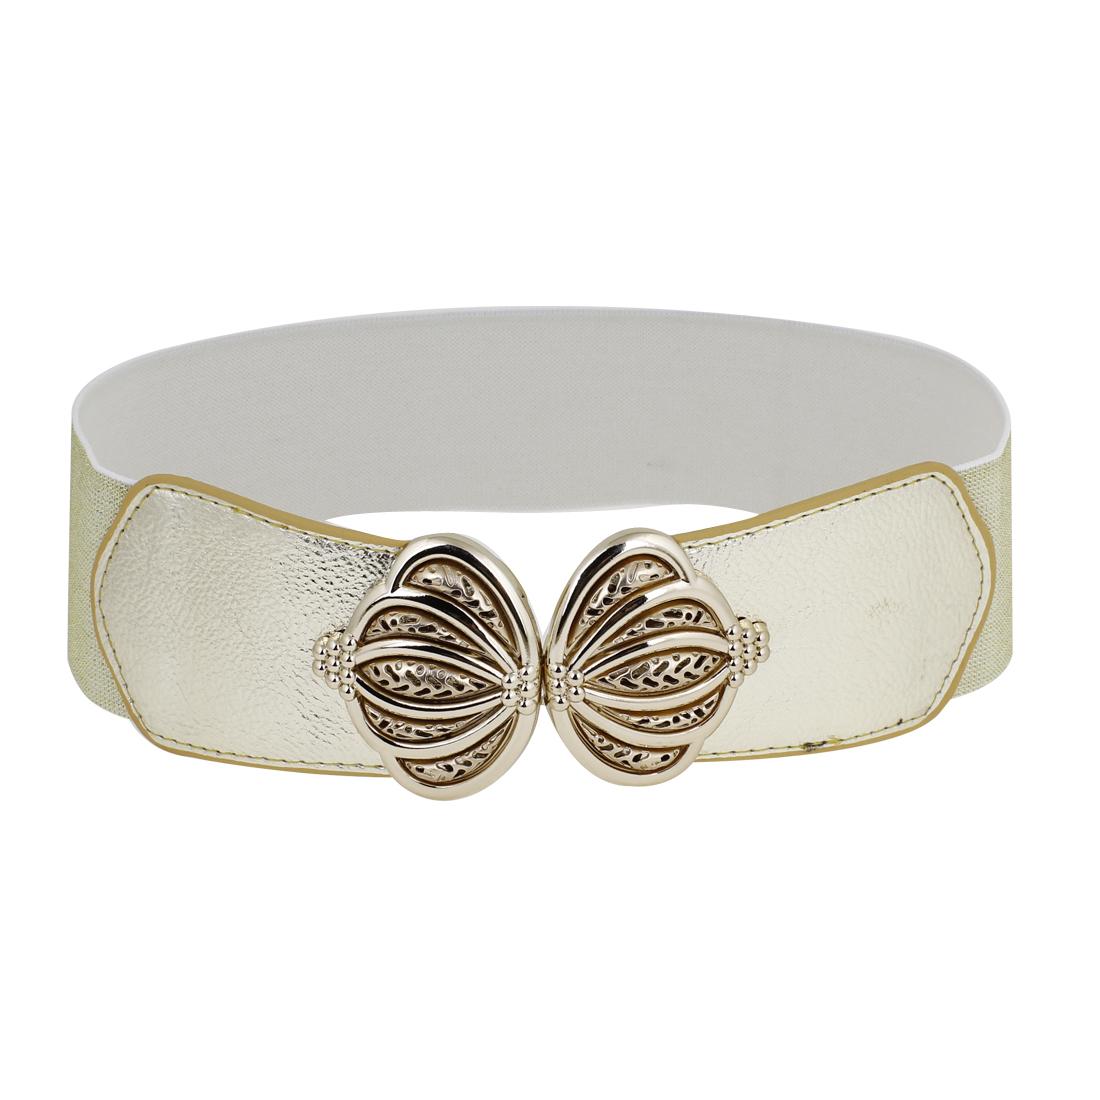 6cm Wide Crown Interlocking Buckle Elastic Fabric Cinch Belt Gold Tone for Lady